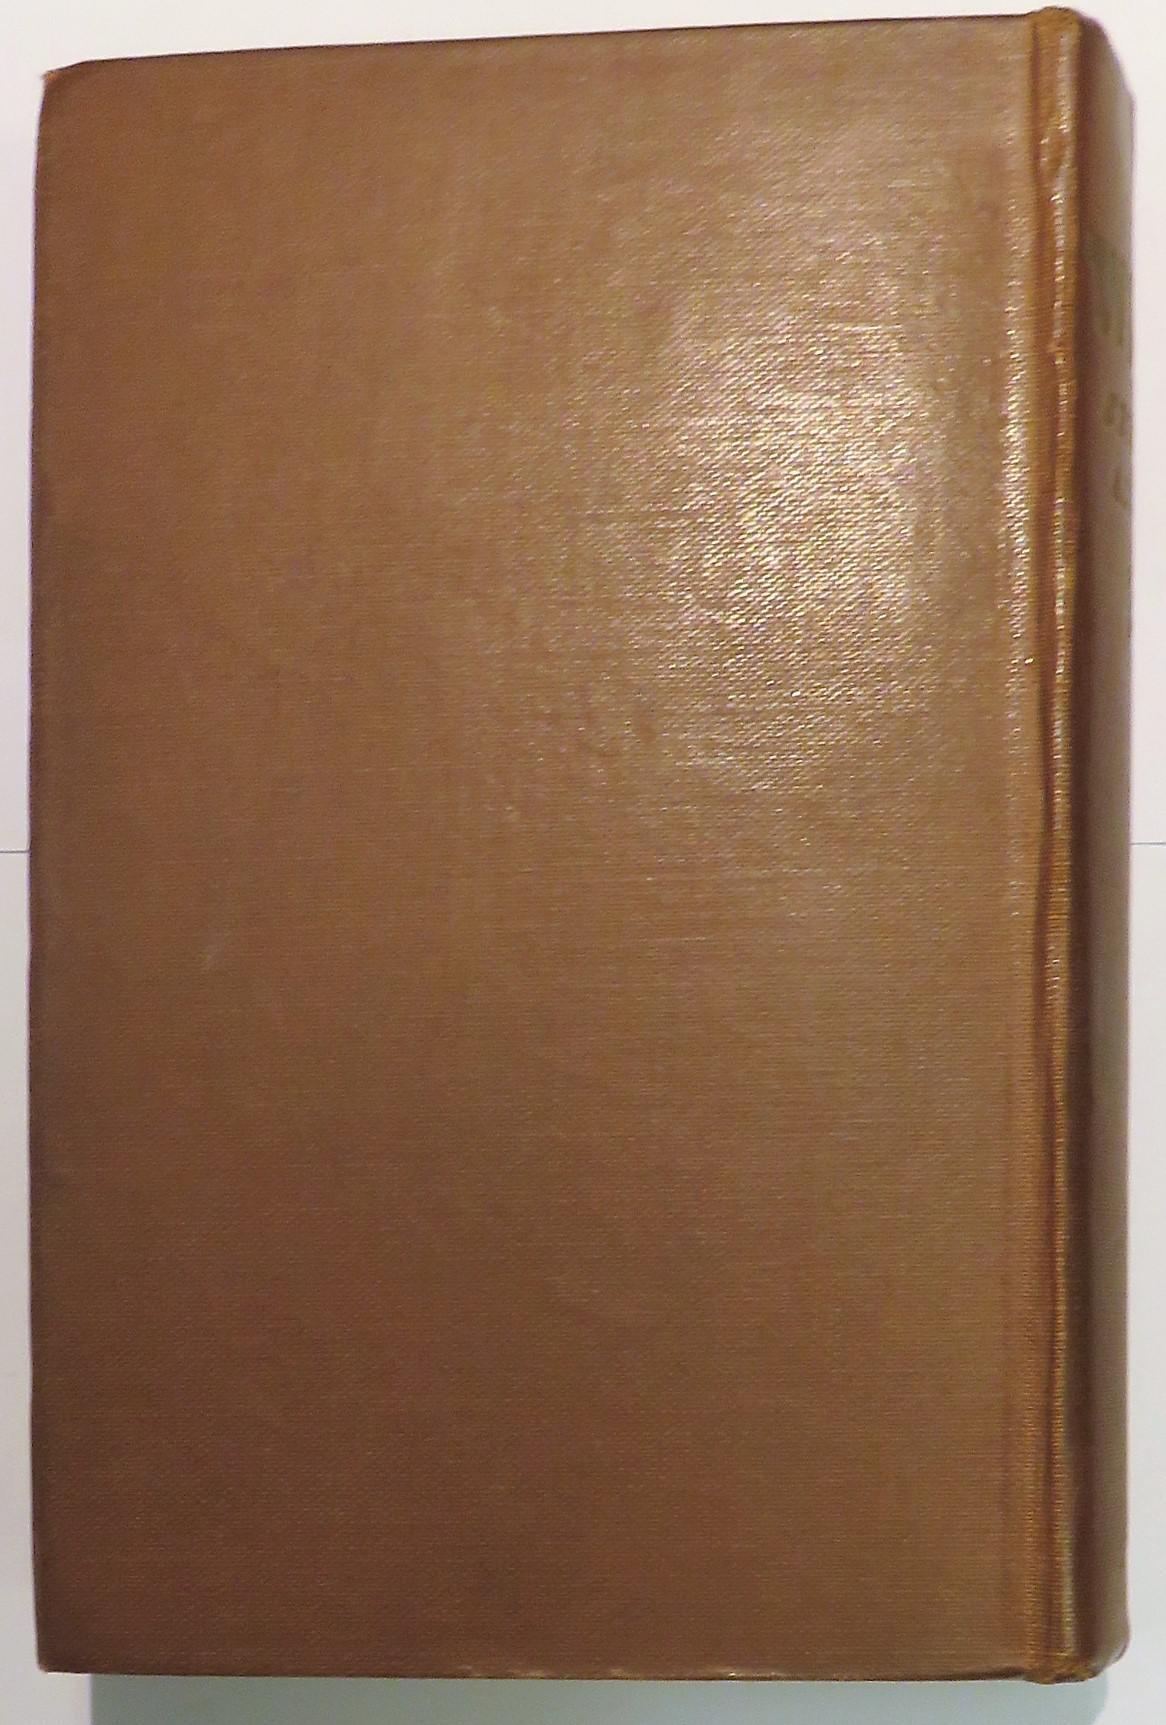 **Wisden Cricketers Almanack for 1940**